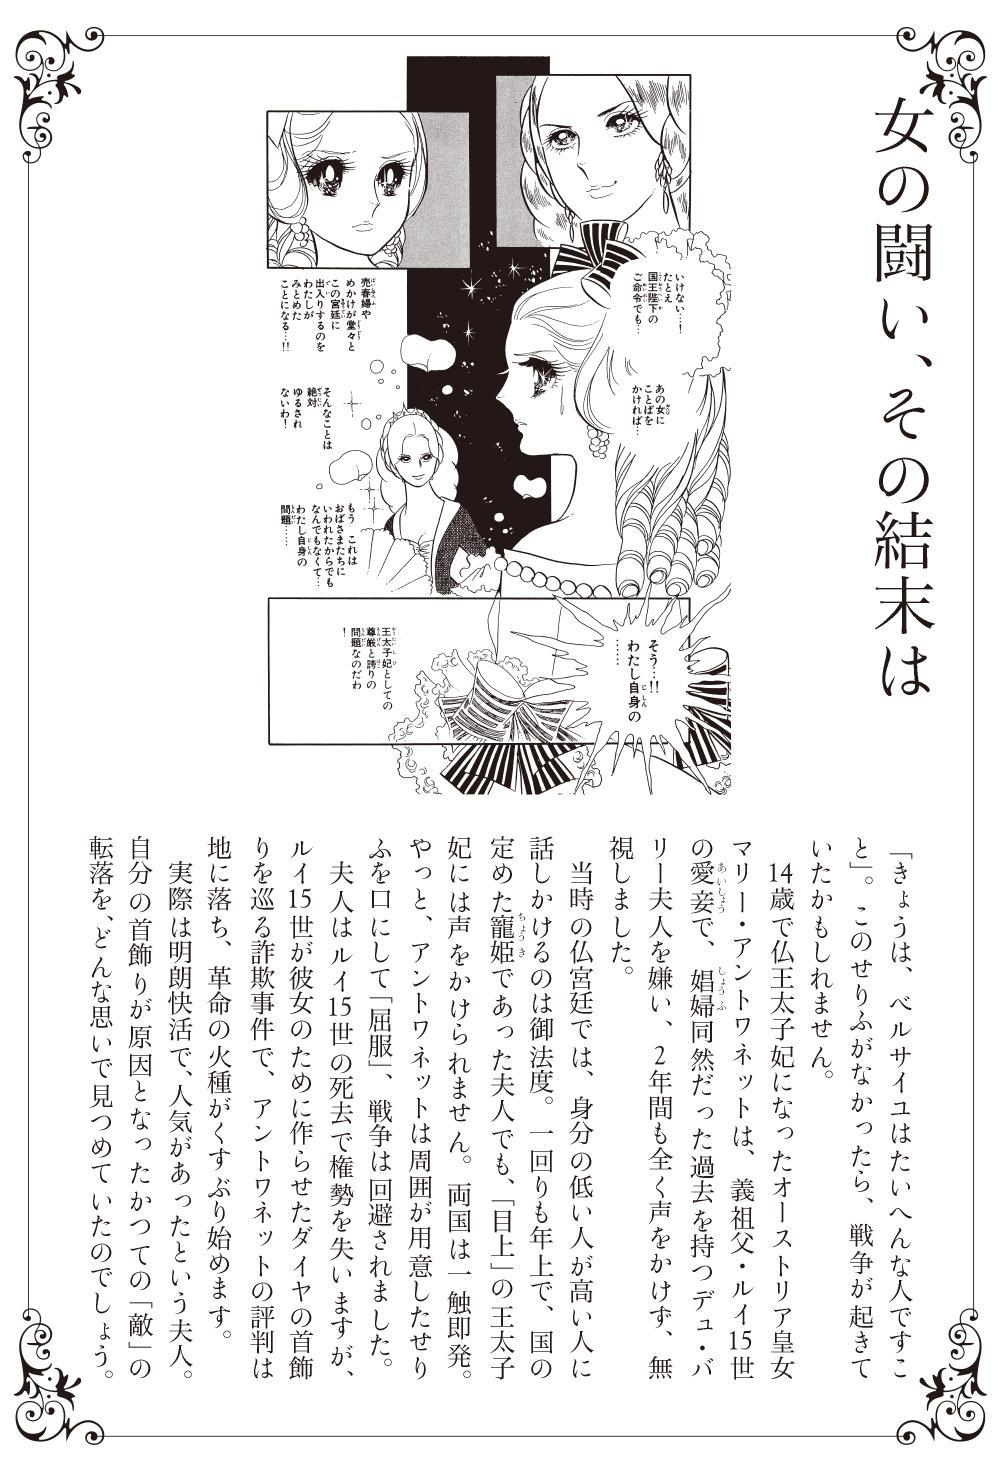 beru1-8.jpg